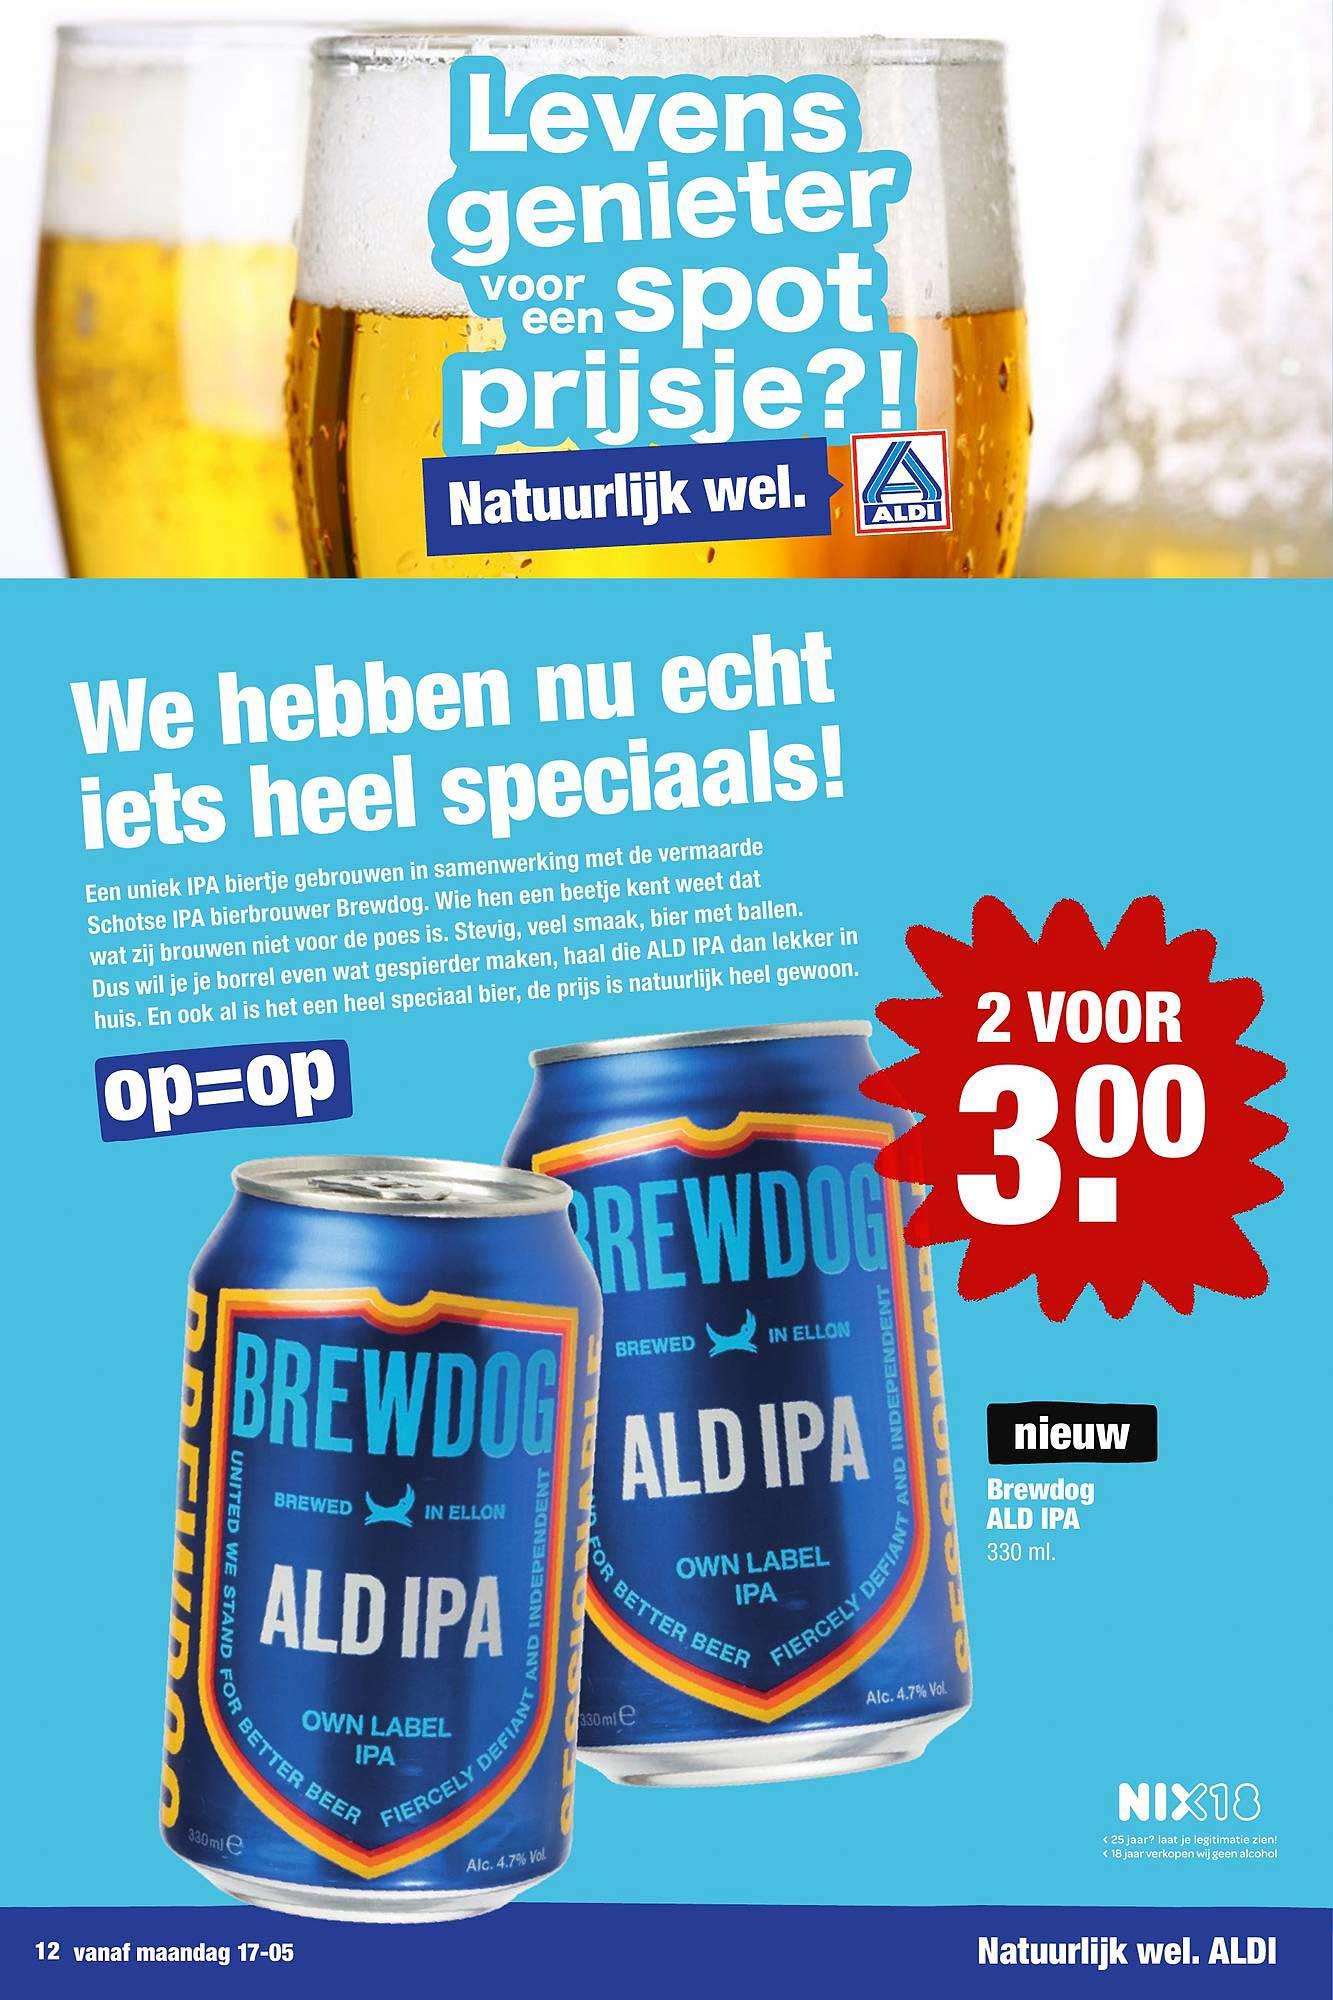 ALDI Brewdog ALD IPA